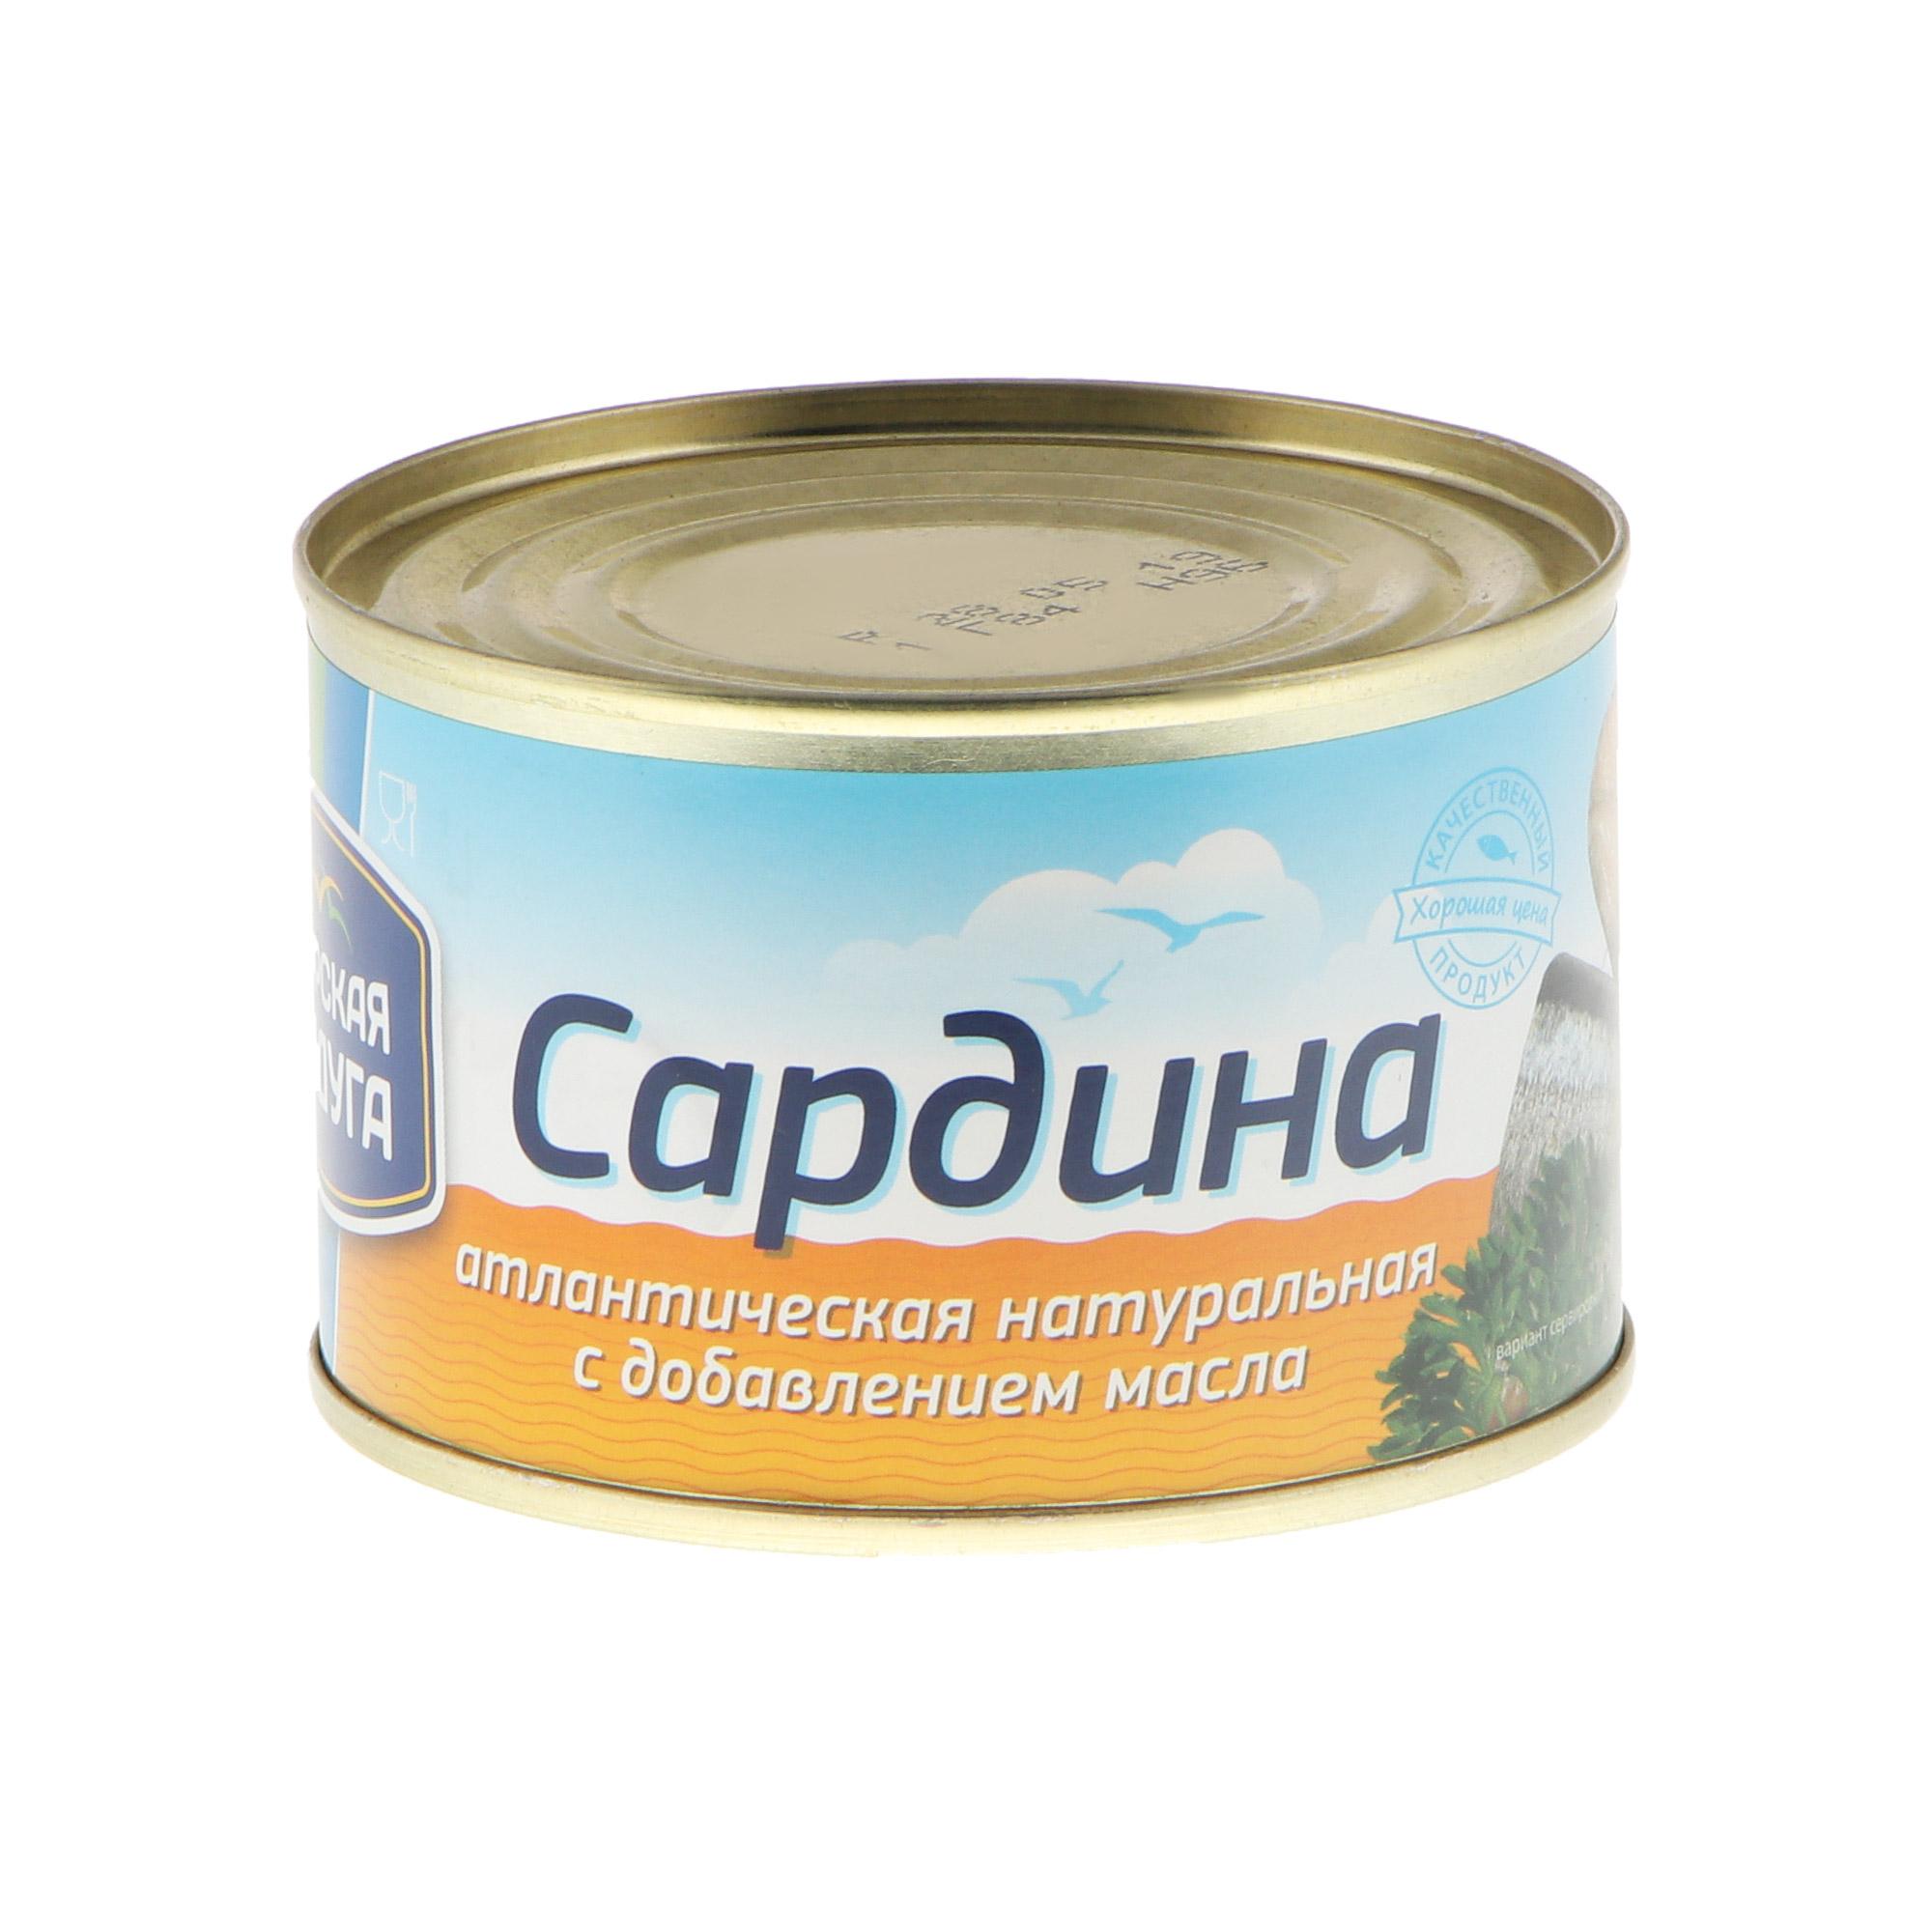 Сардина Вкусные Консервы натуральная с добавлением масла 250 г недорого